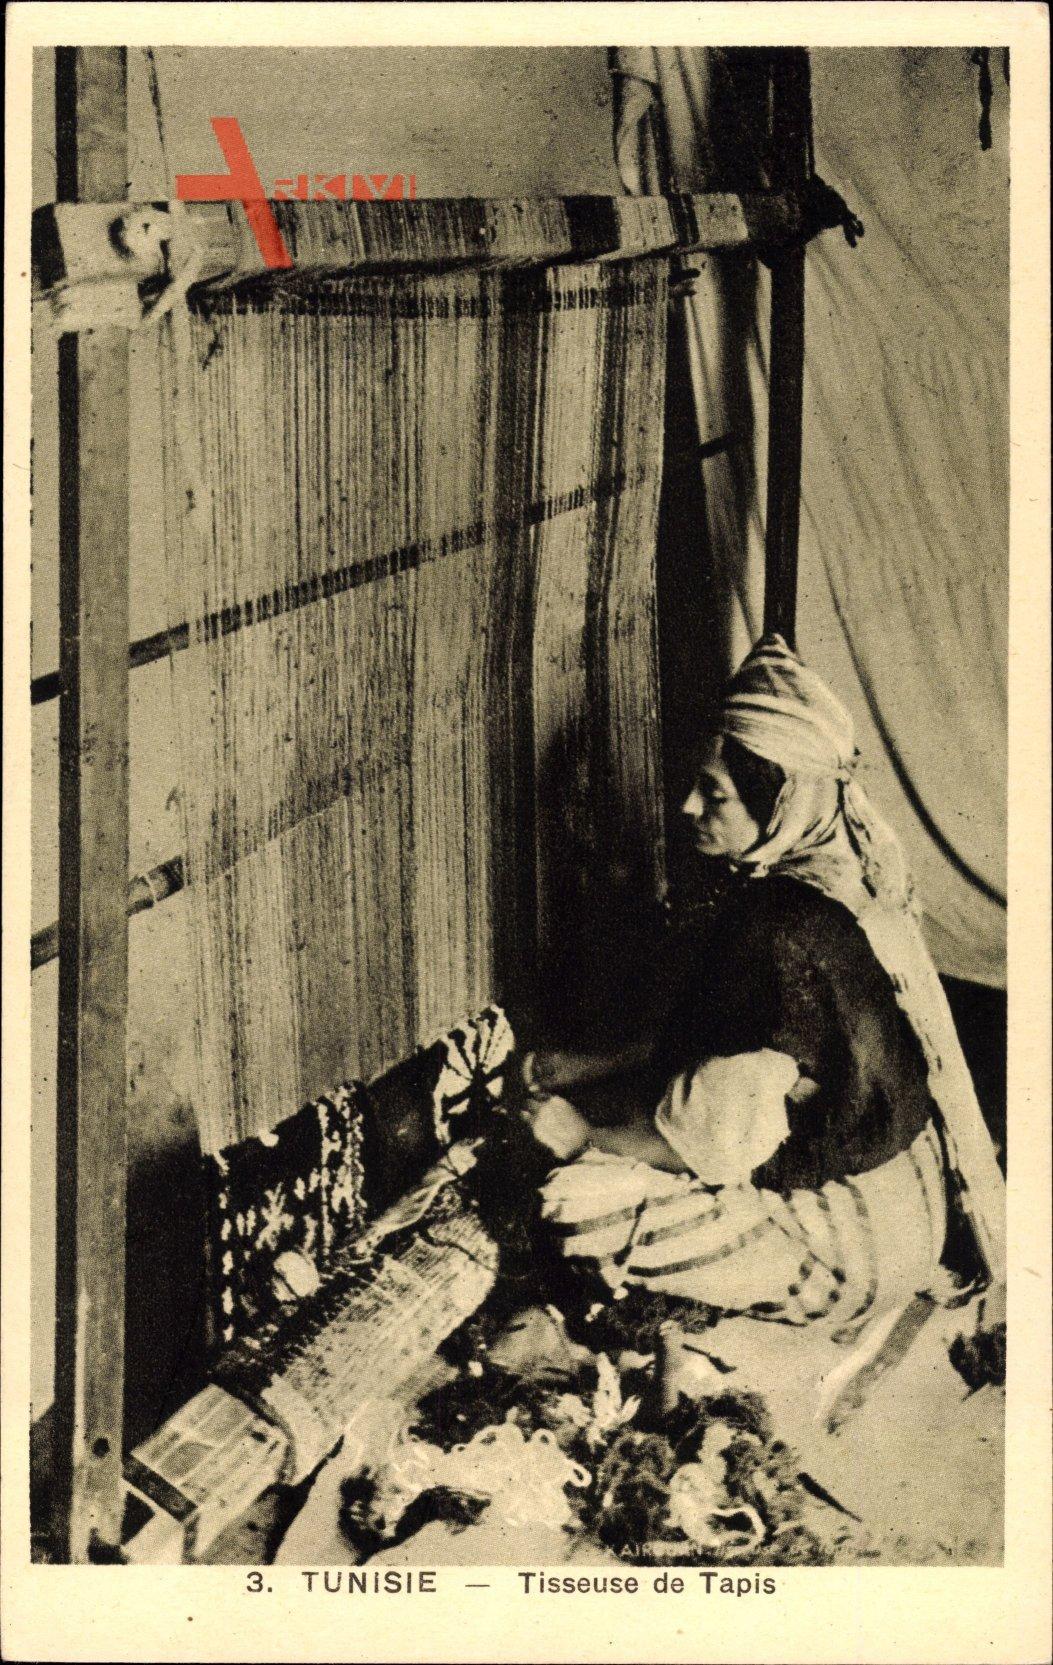 Tunesien, Tisseuse de Tapis, Teppichweberin bei der Arbeit